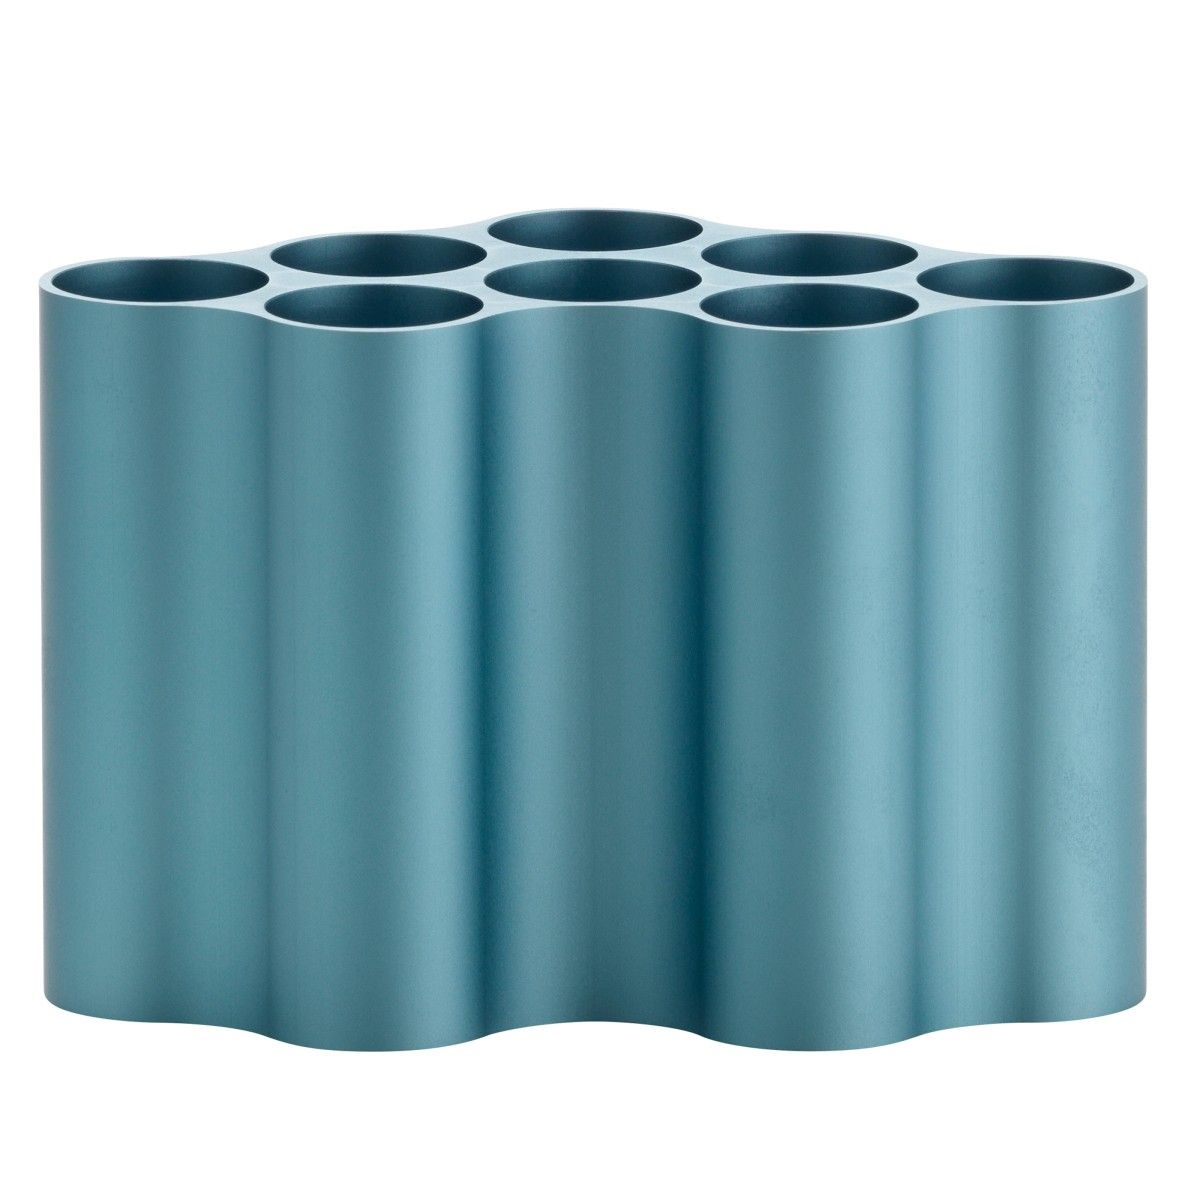 Vitra Nuage Vaas Small Pastel Blue